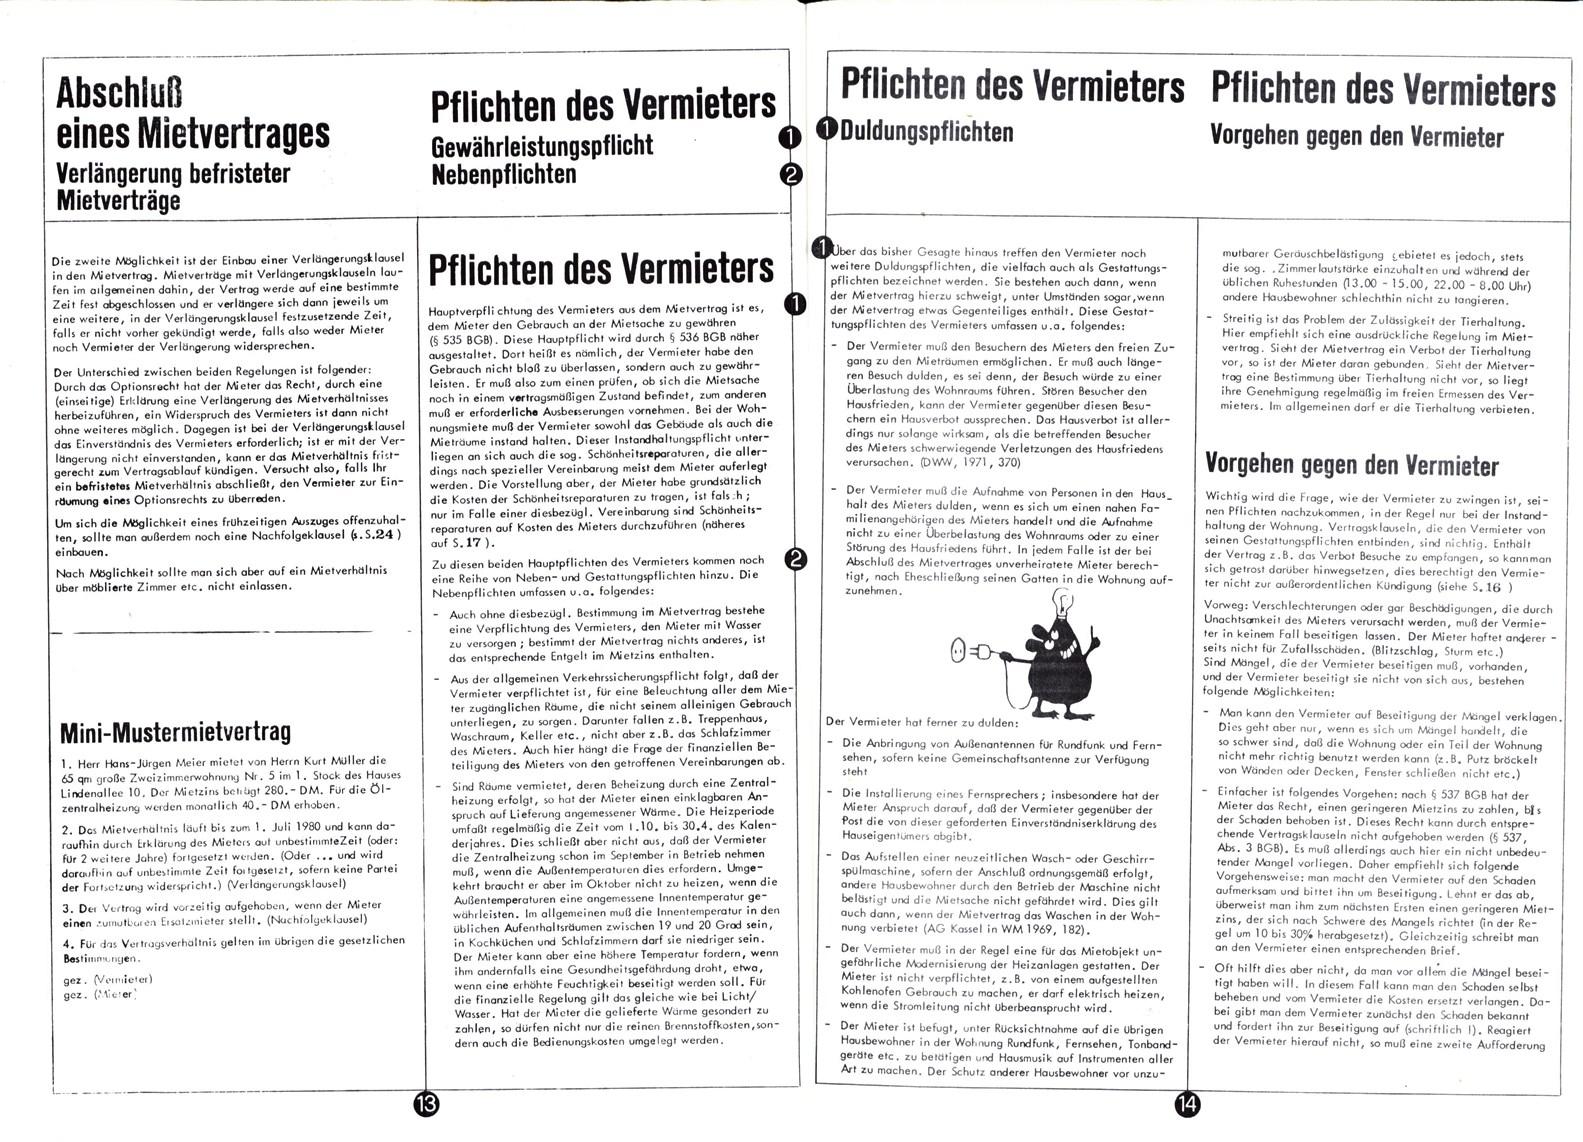 Muenster_AStA_Info_19770000_Mietinfo1_08